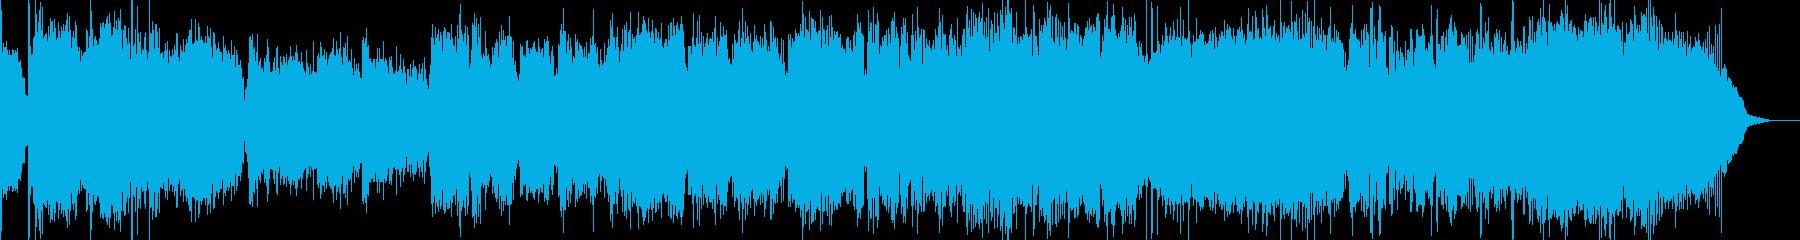 聖歌と、歌姫と、ロックギターの融合の再生済みの波形